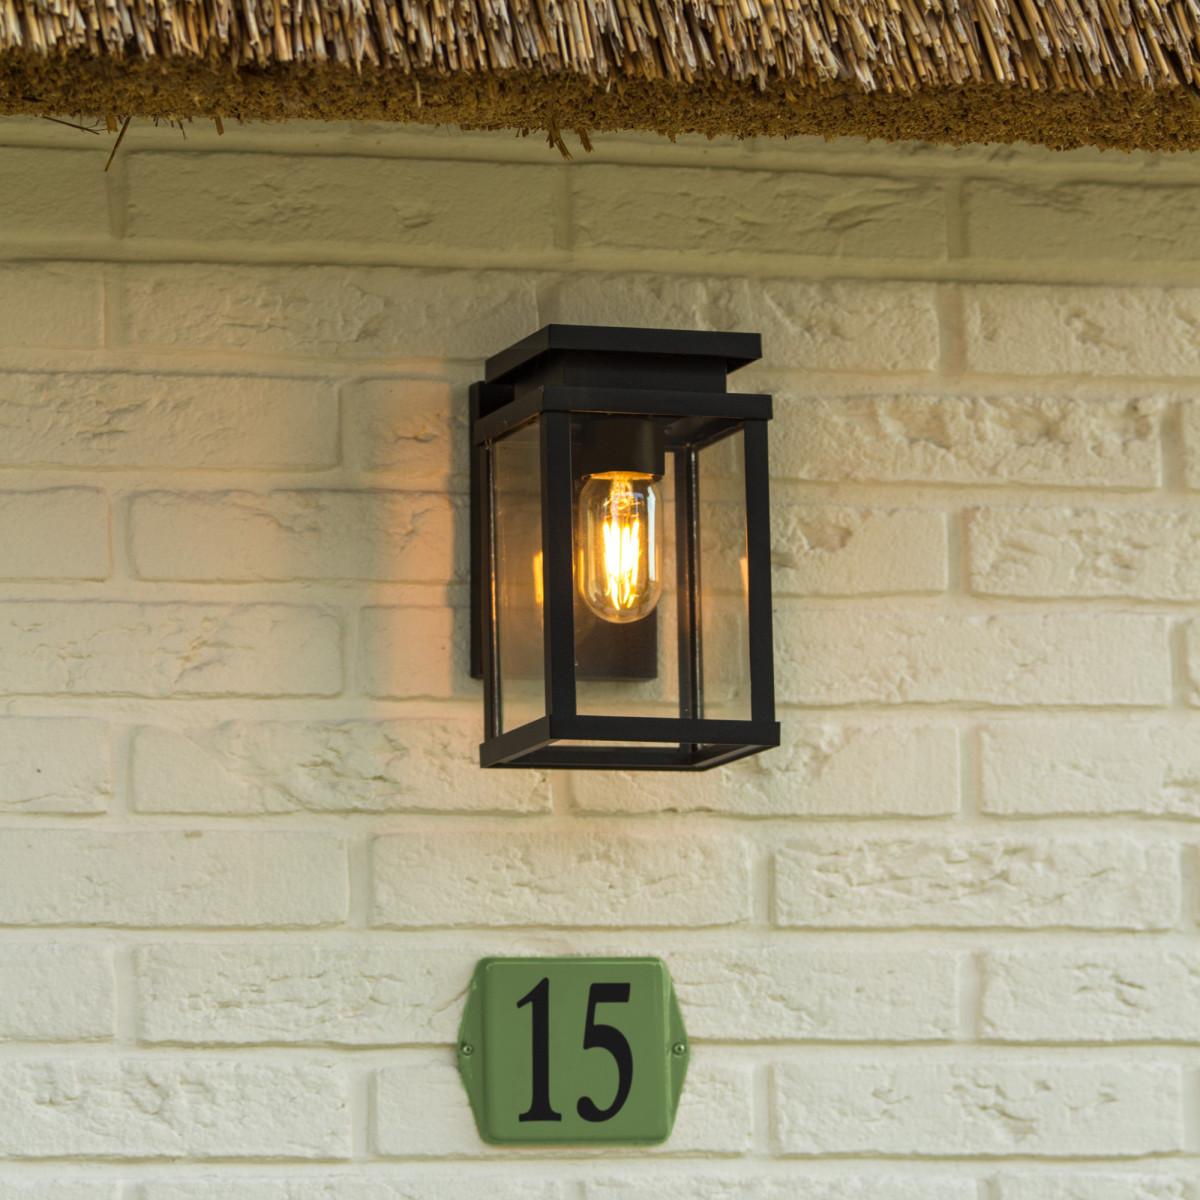 Zwarte buitenlamp met helder glas strak moderne verlichting voor buiten aan de wand merk KS Verlichting